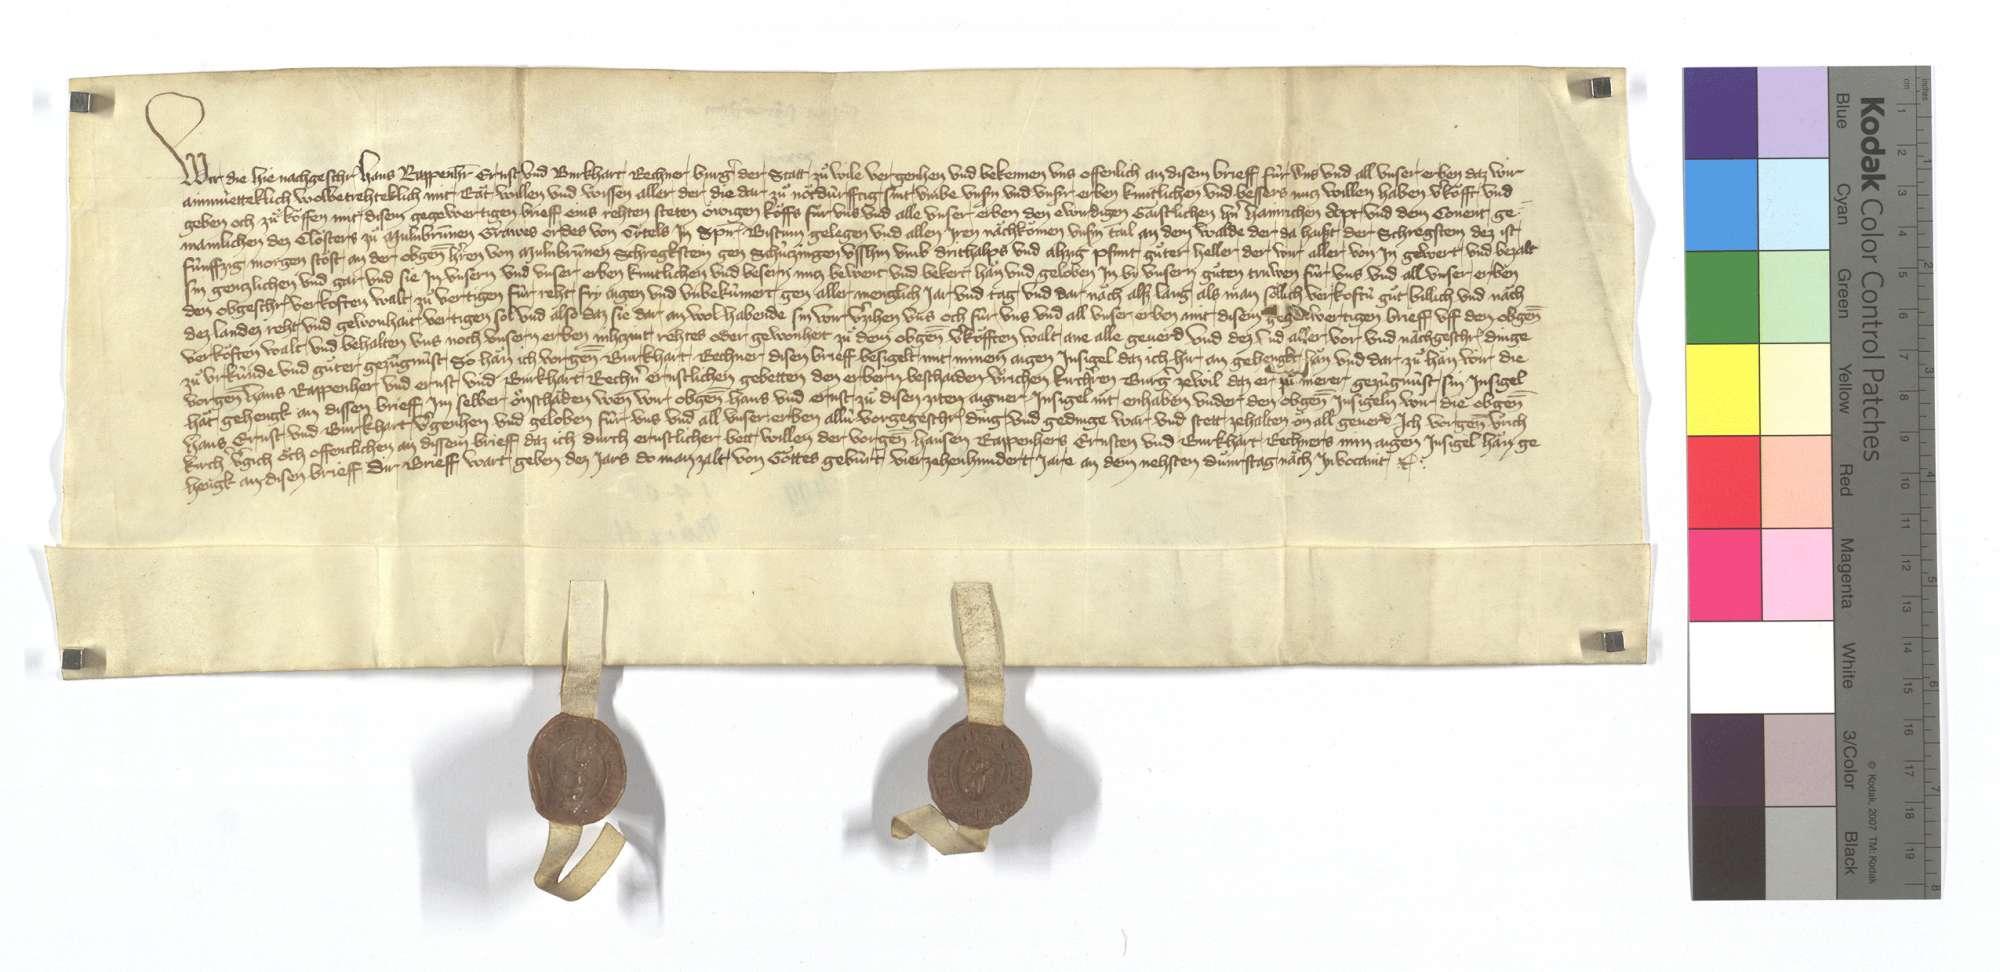 Hans Rappenherr und Konsorten von Weil (Weyl) der Stadt verkaufen dem Kloster Maulbronn 50 Morgen Wald am Scheckstein in Schützingen (Schüzingen)., Text